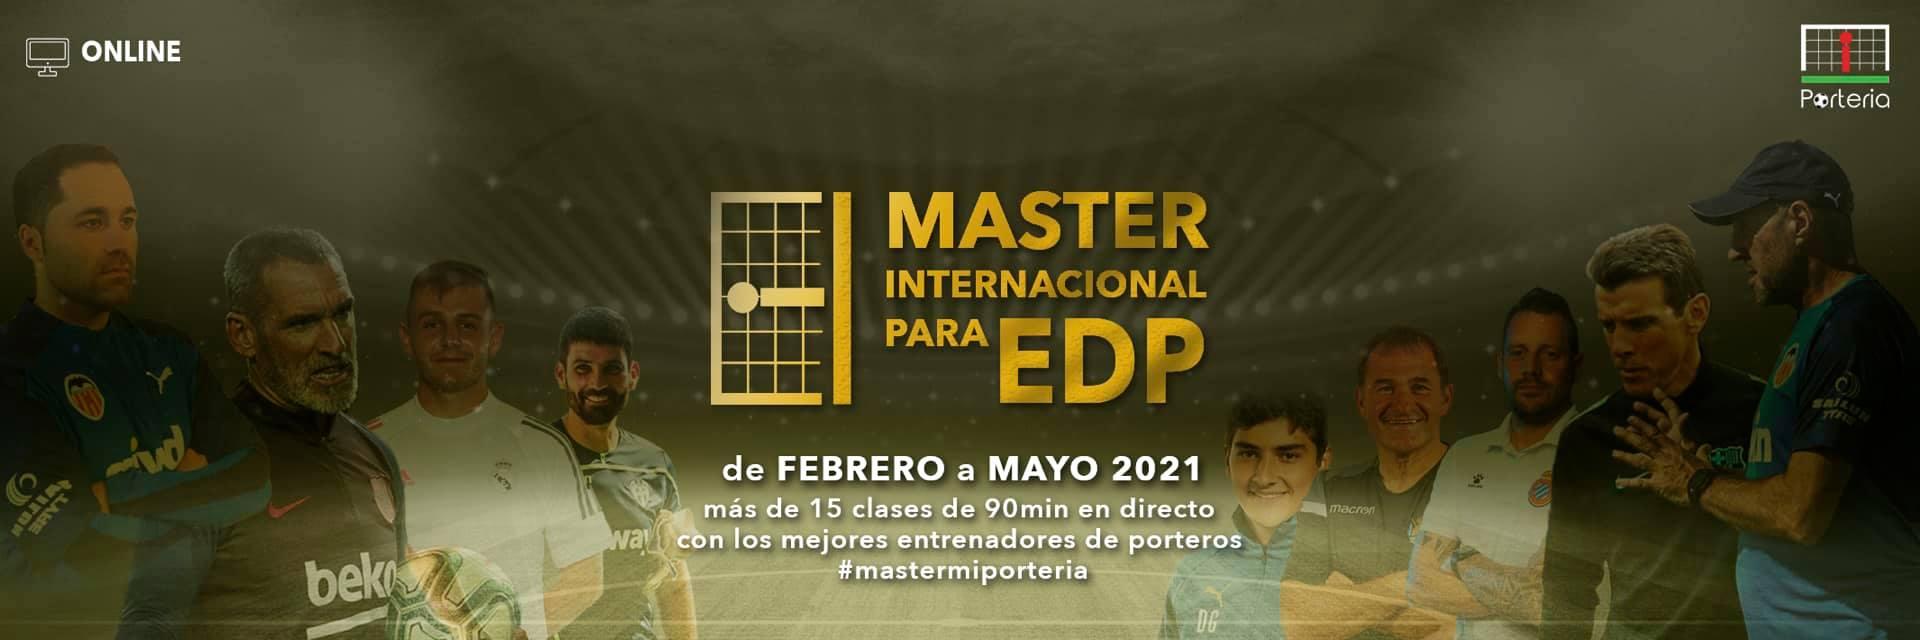 master internacional para EDP